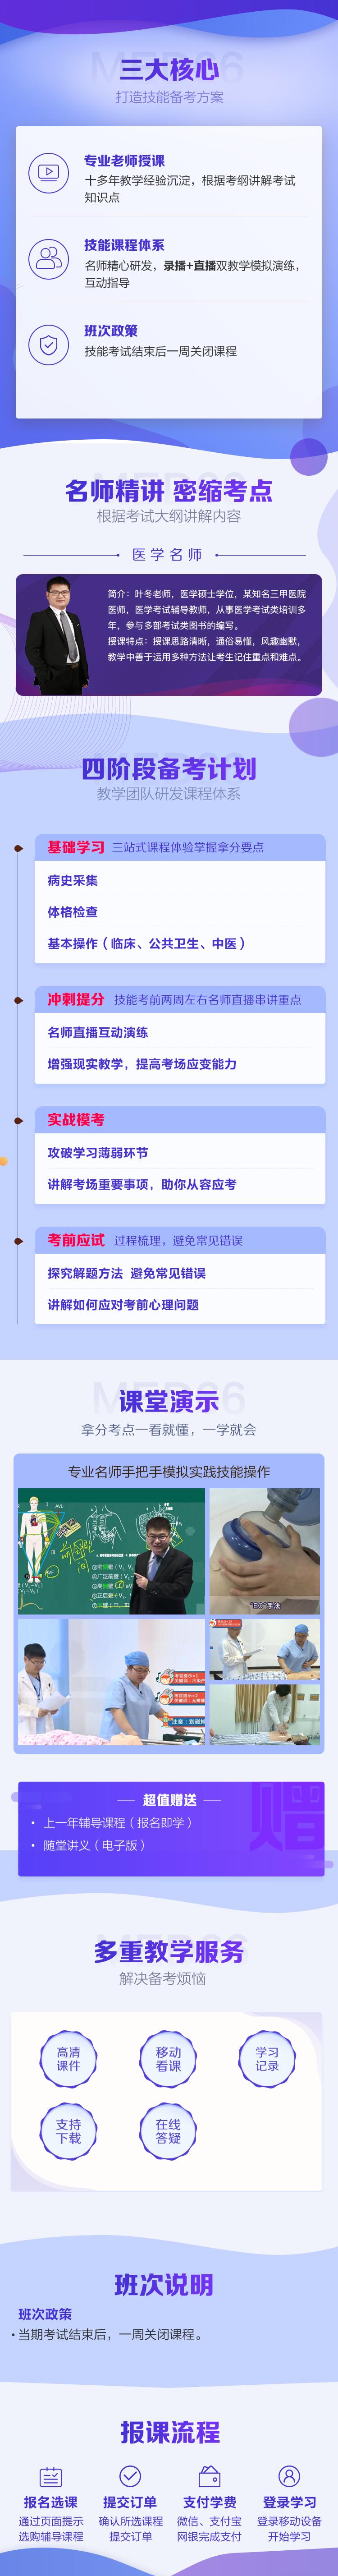 医学教育网乡村全科助理医师技能特色班